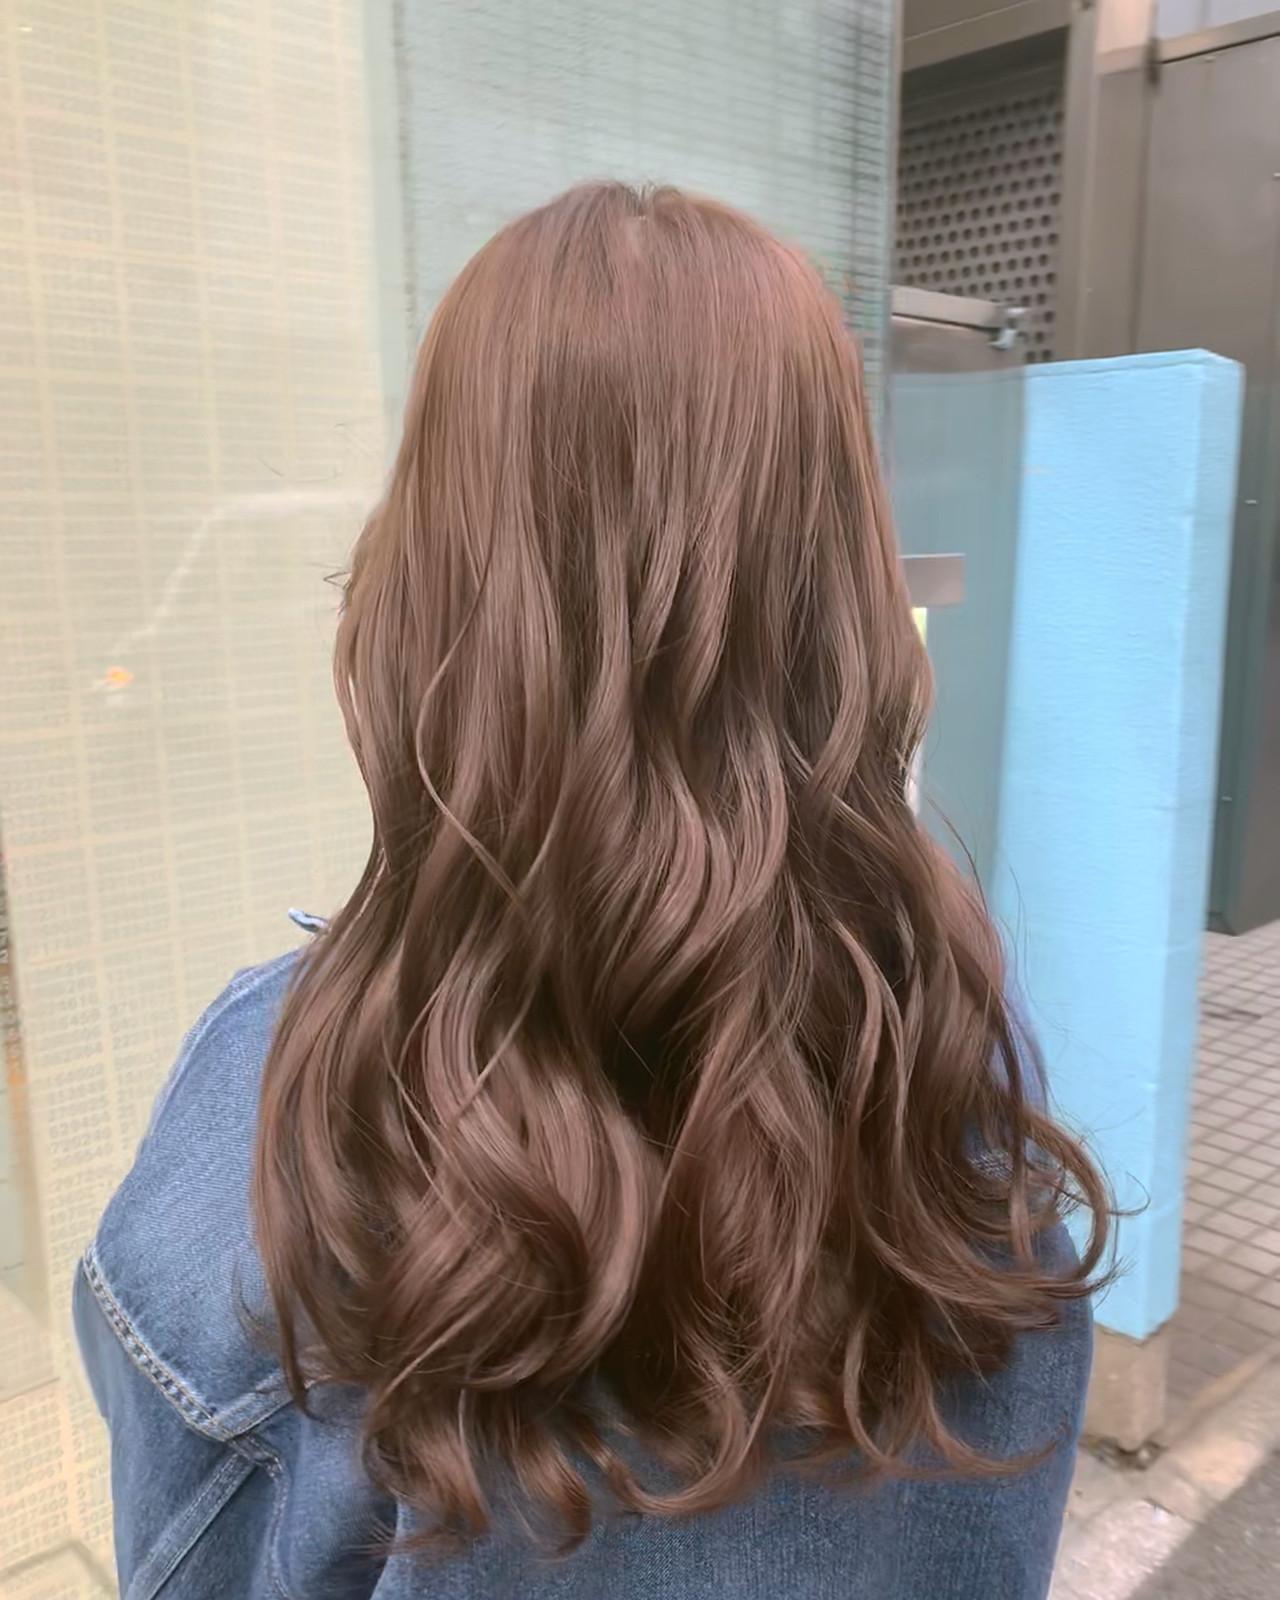 フェミニン ロング パープルカラー ハイトーン ヘアスタイルや髪型の写真・画像